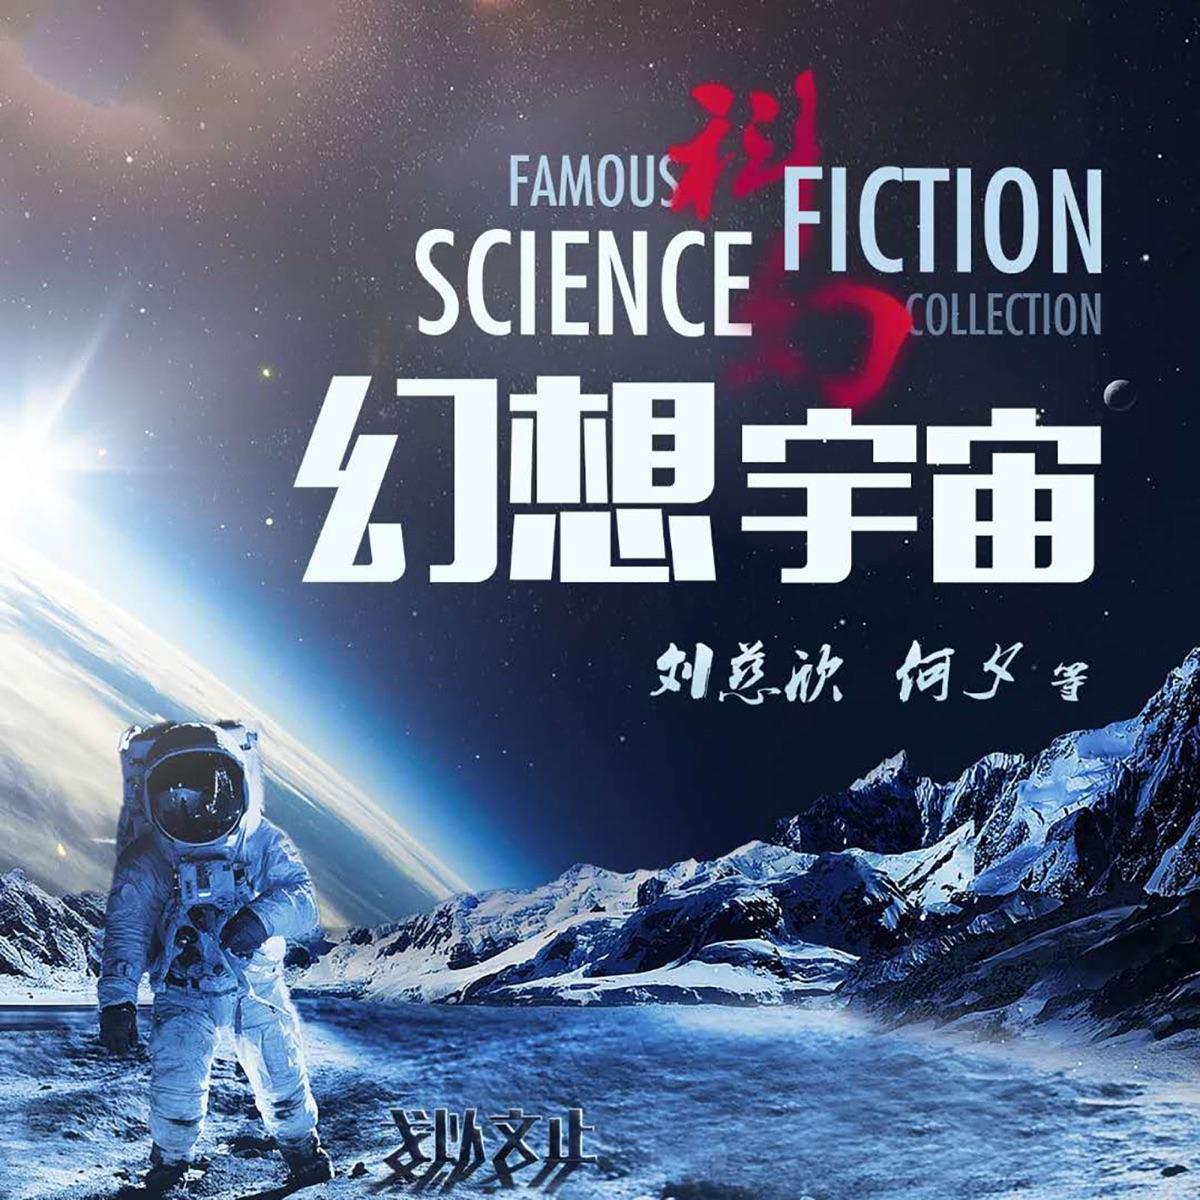 幻想宇宙1|大师科幻作品免费更新